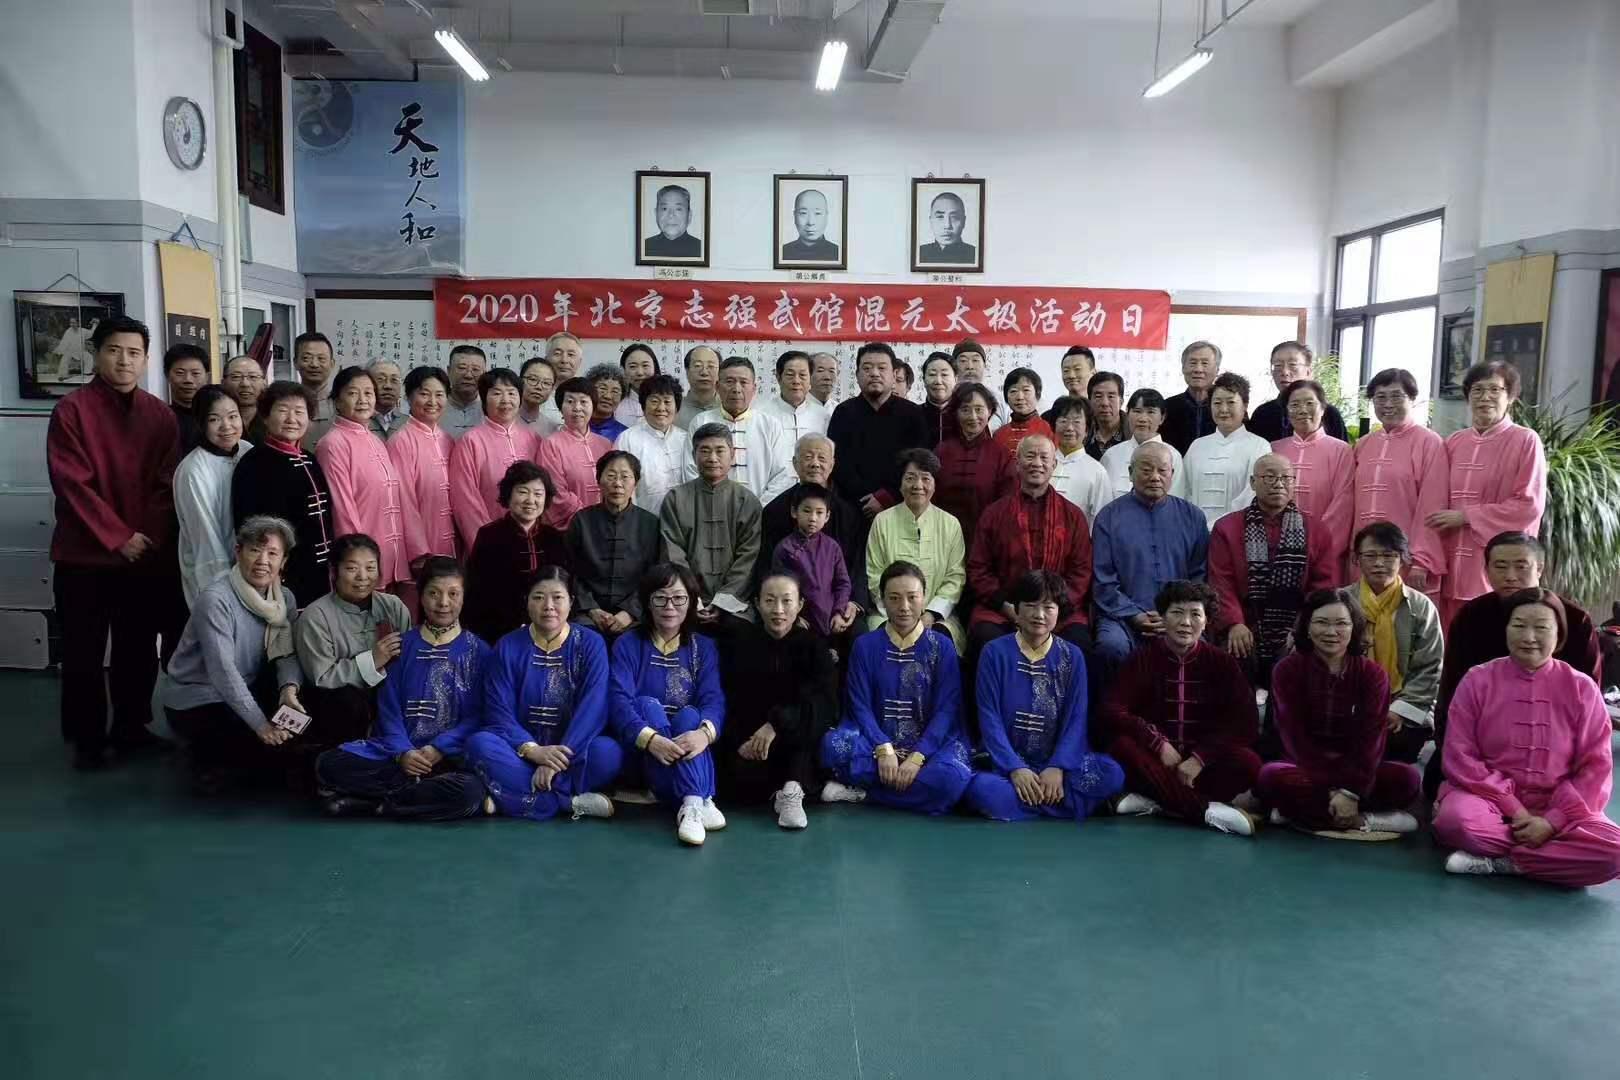 混元太极拳第二代传承人冯秀芳老师收徒仪式